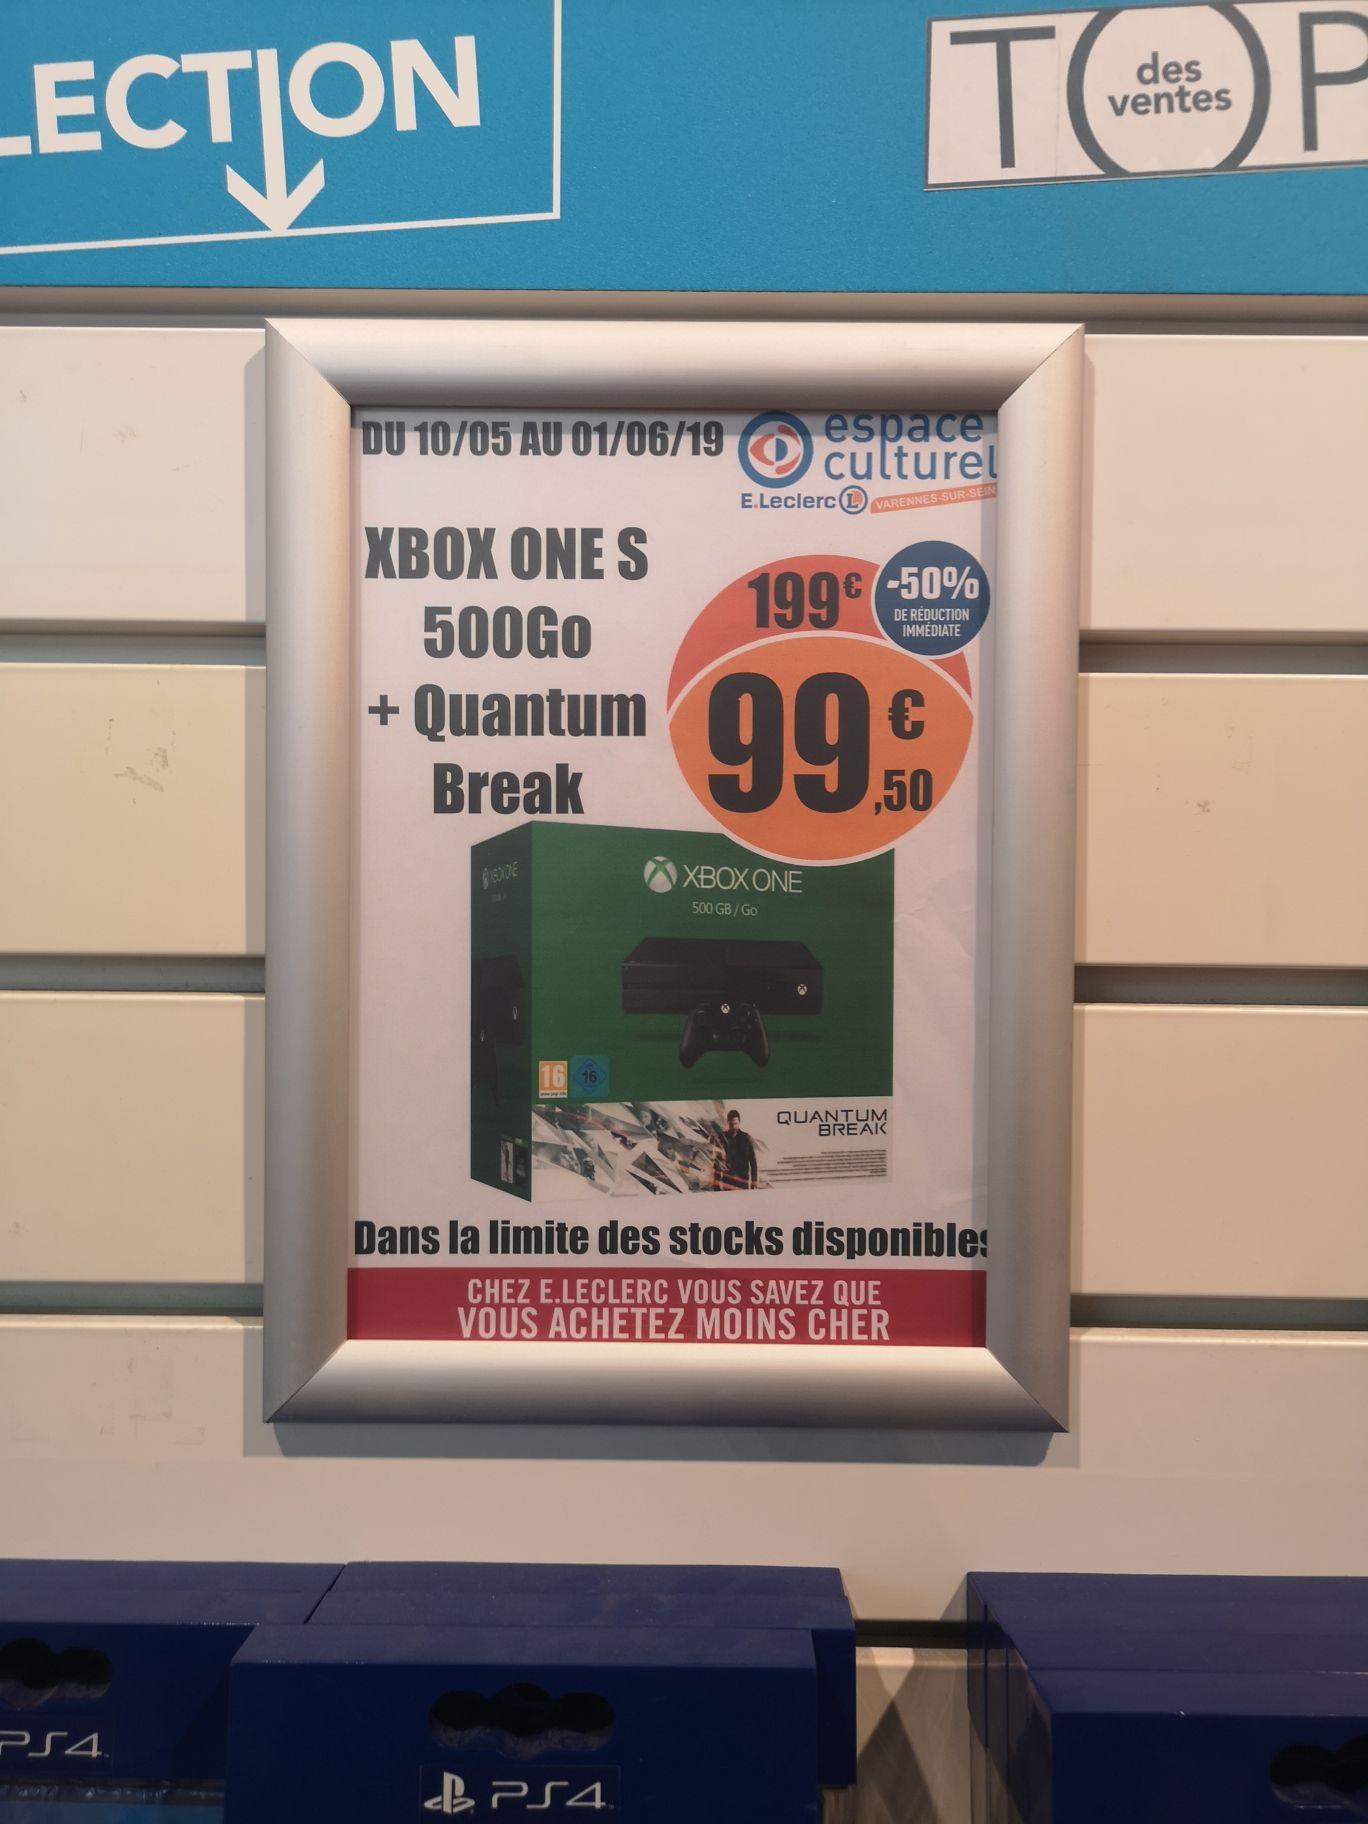 Console Microsoft Xbox One (500 Go) + Quantum Break - Varennes-sur-Seine (77)